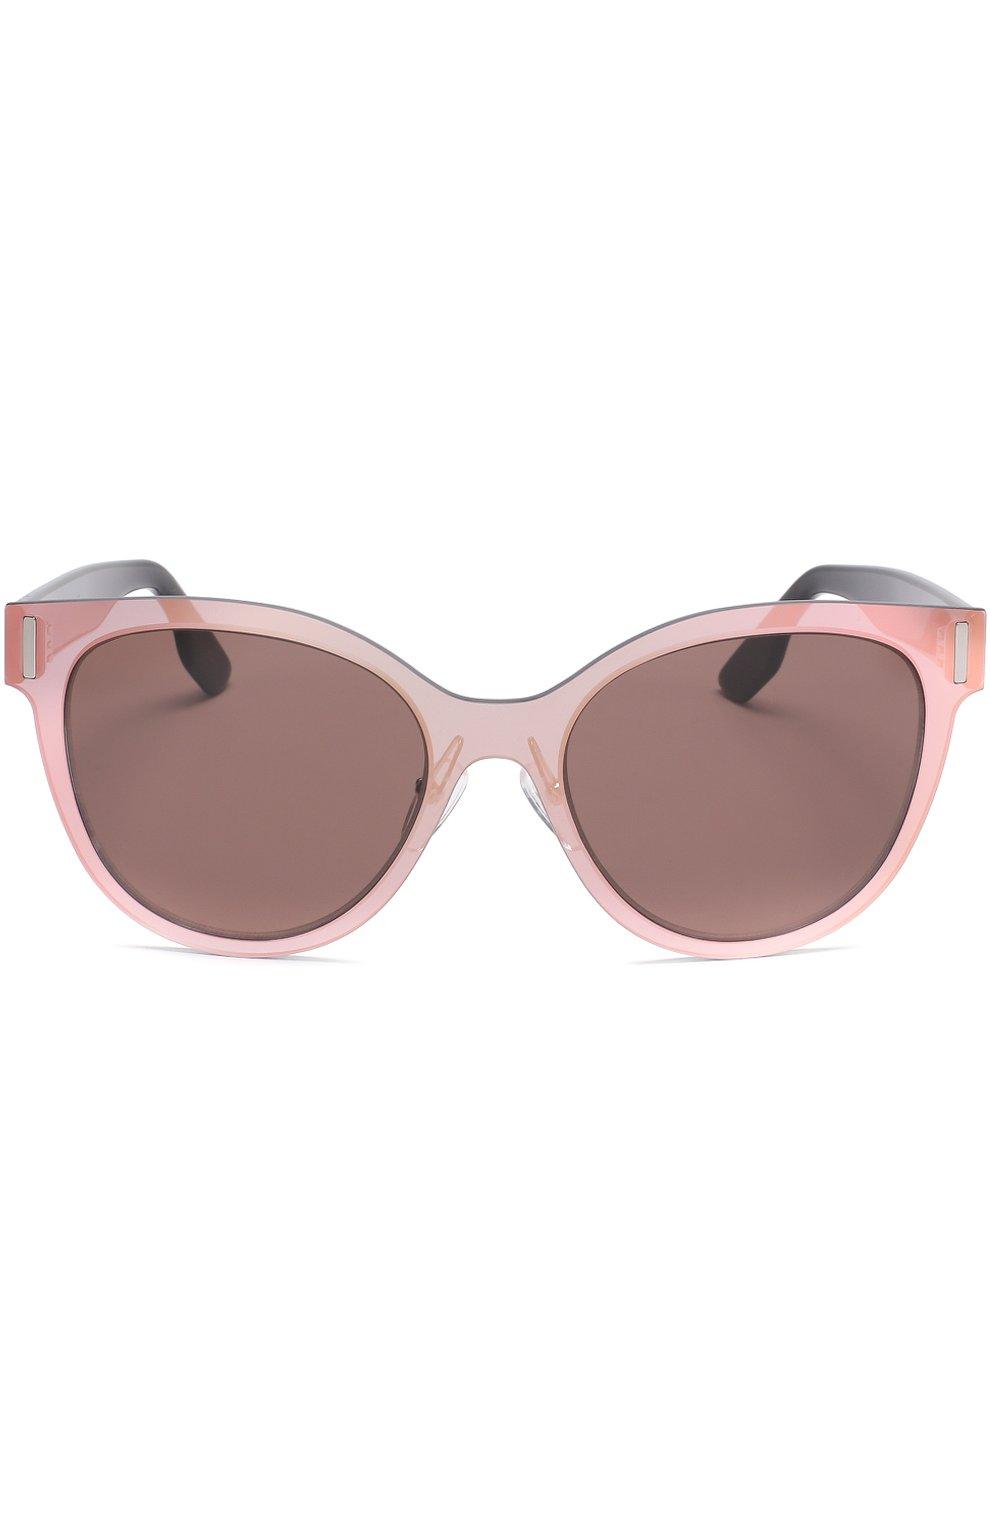 Женские солнцезащитные очки MCQ SWALLOW светло-розового цвета, арт. 0023 002 | Фото 3